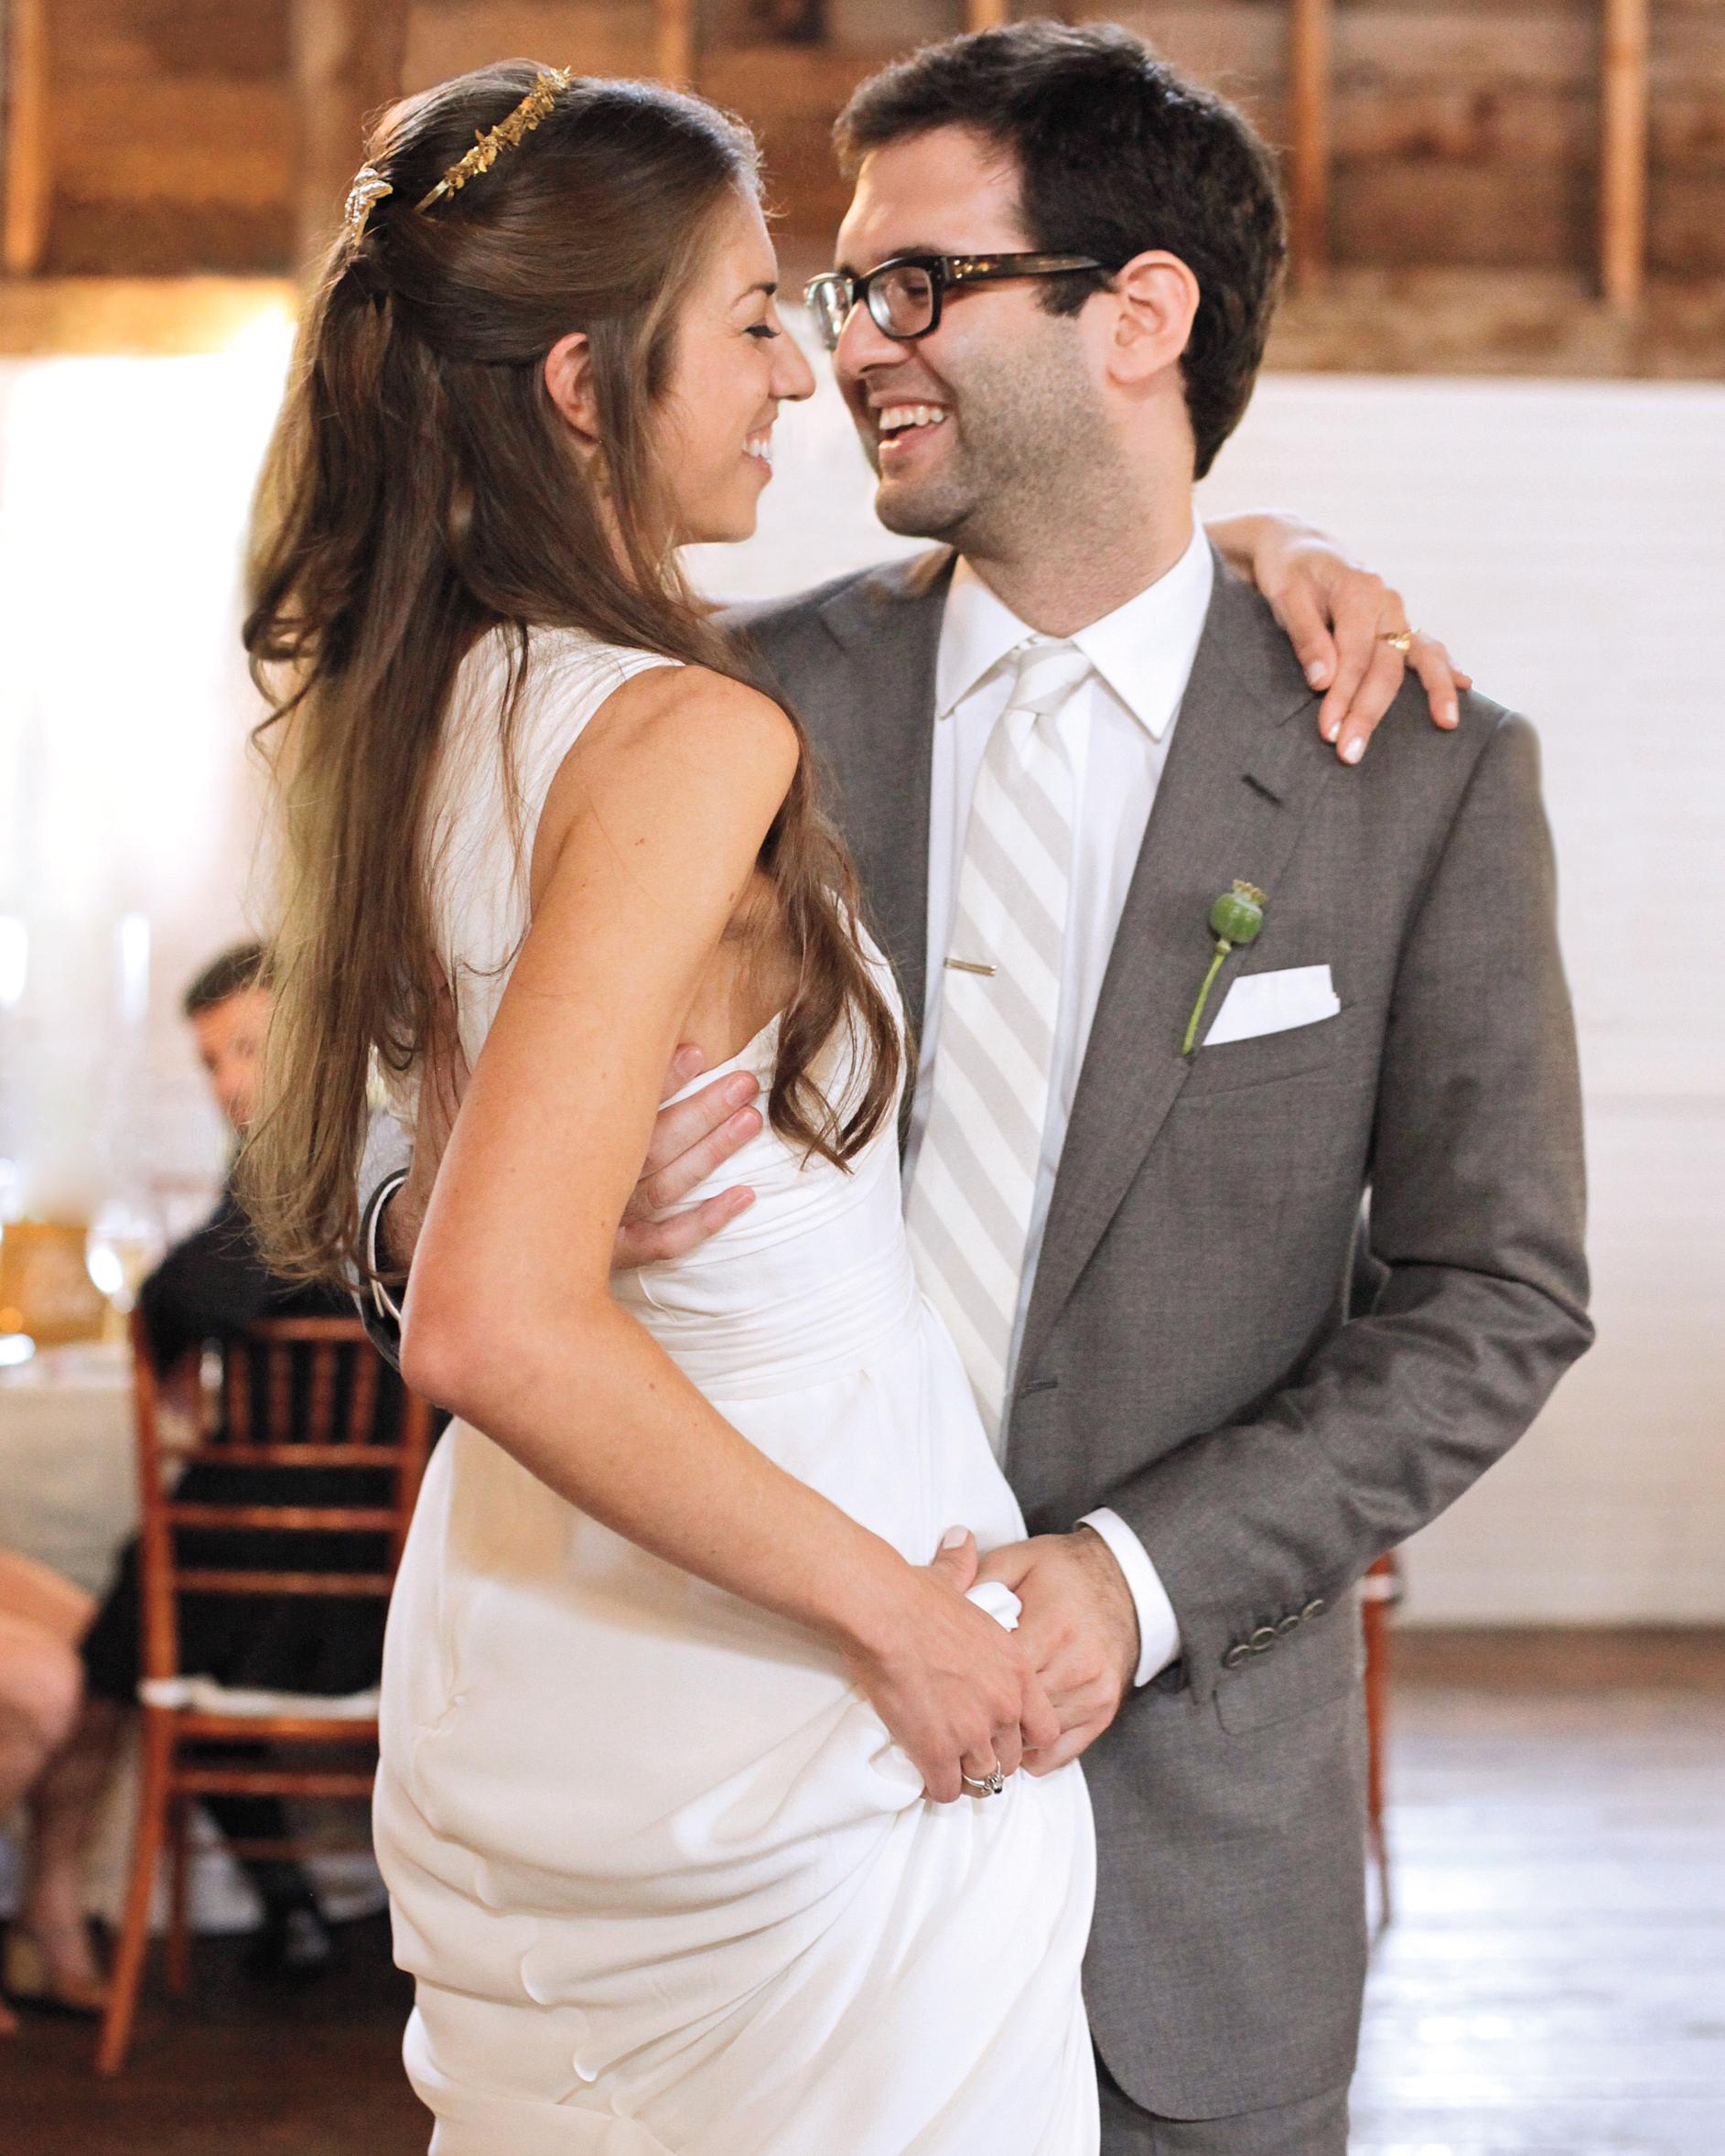 bride-groom-2-0811mwd106246.jpg